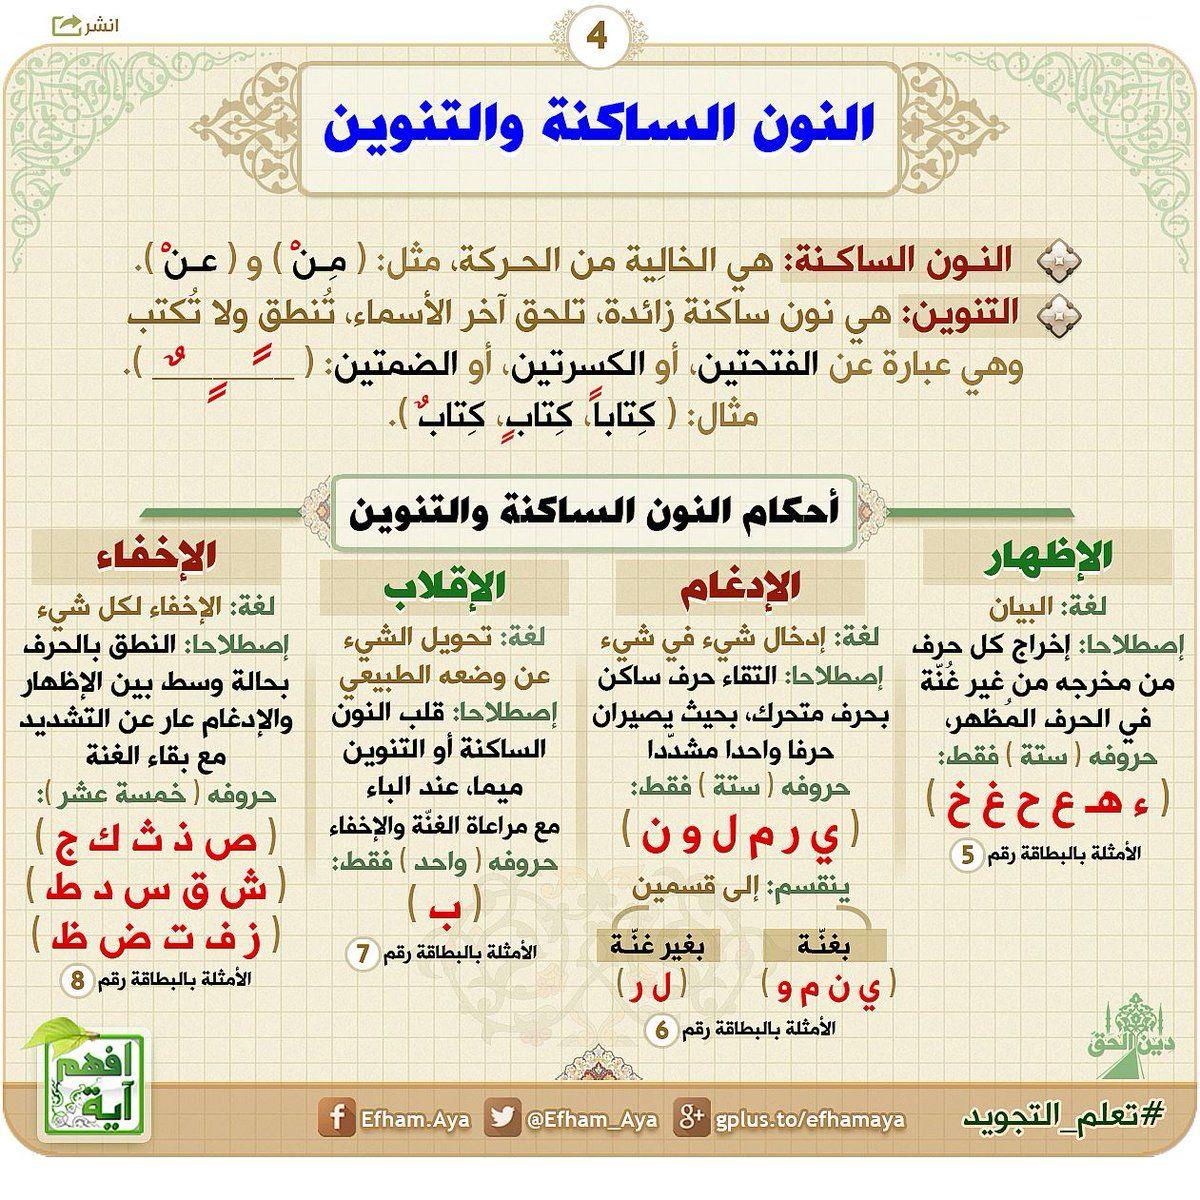 افهم آية Efham Aya Twitter Quran Book Quran Tafseer Tajweed Quran